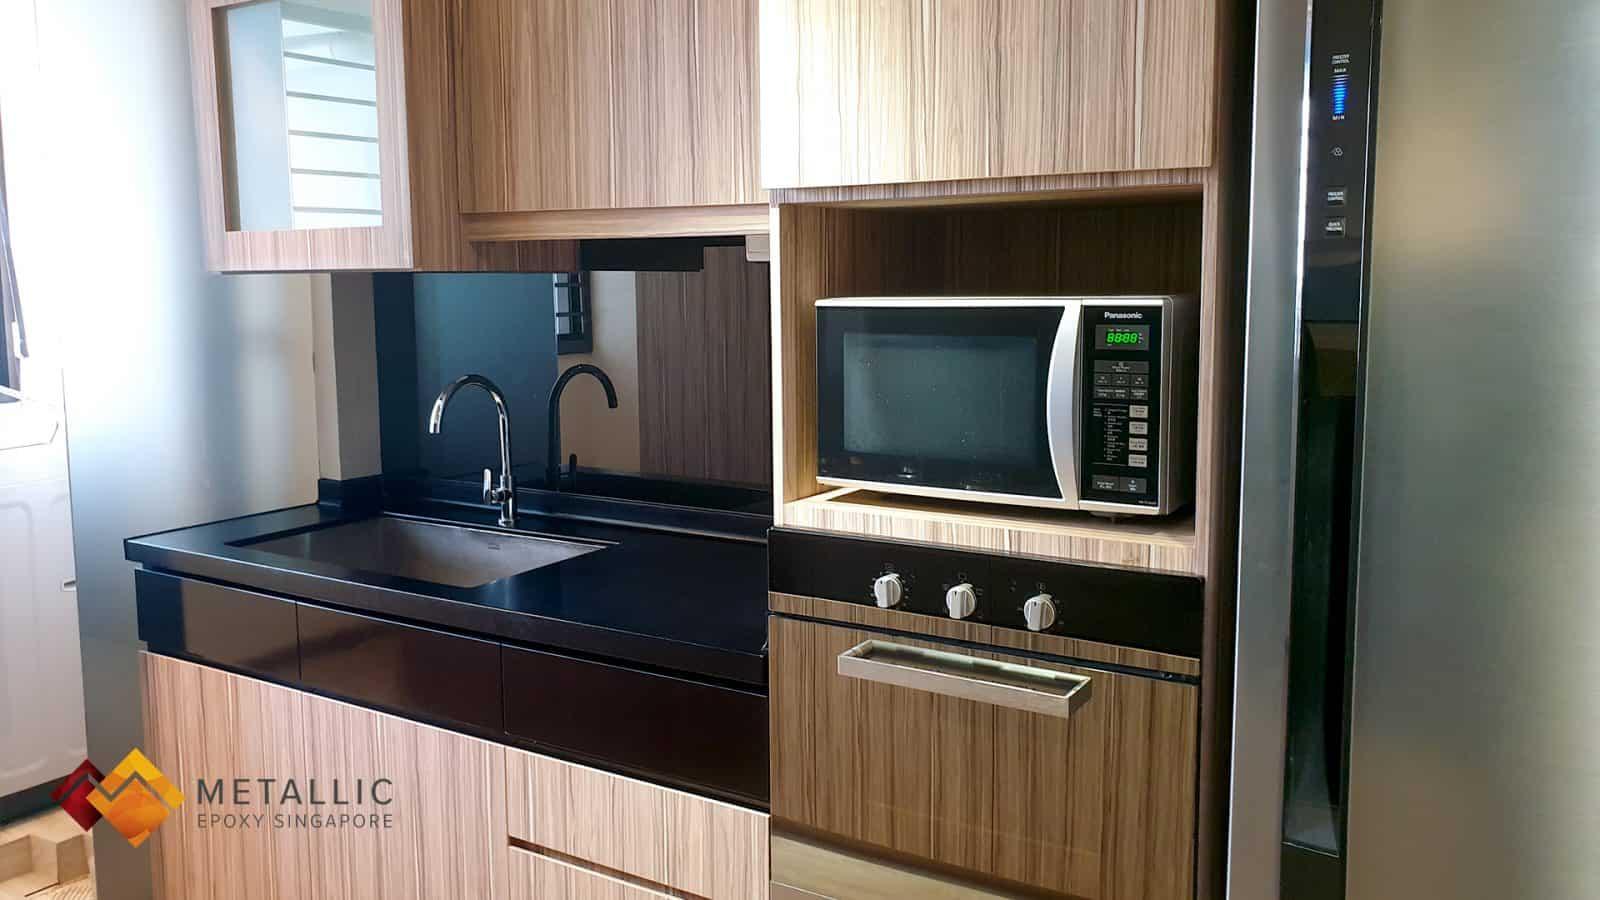 metallic epoxy black kitchen countertop